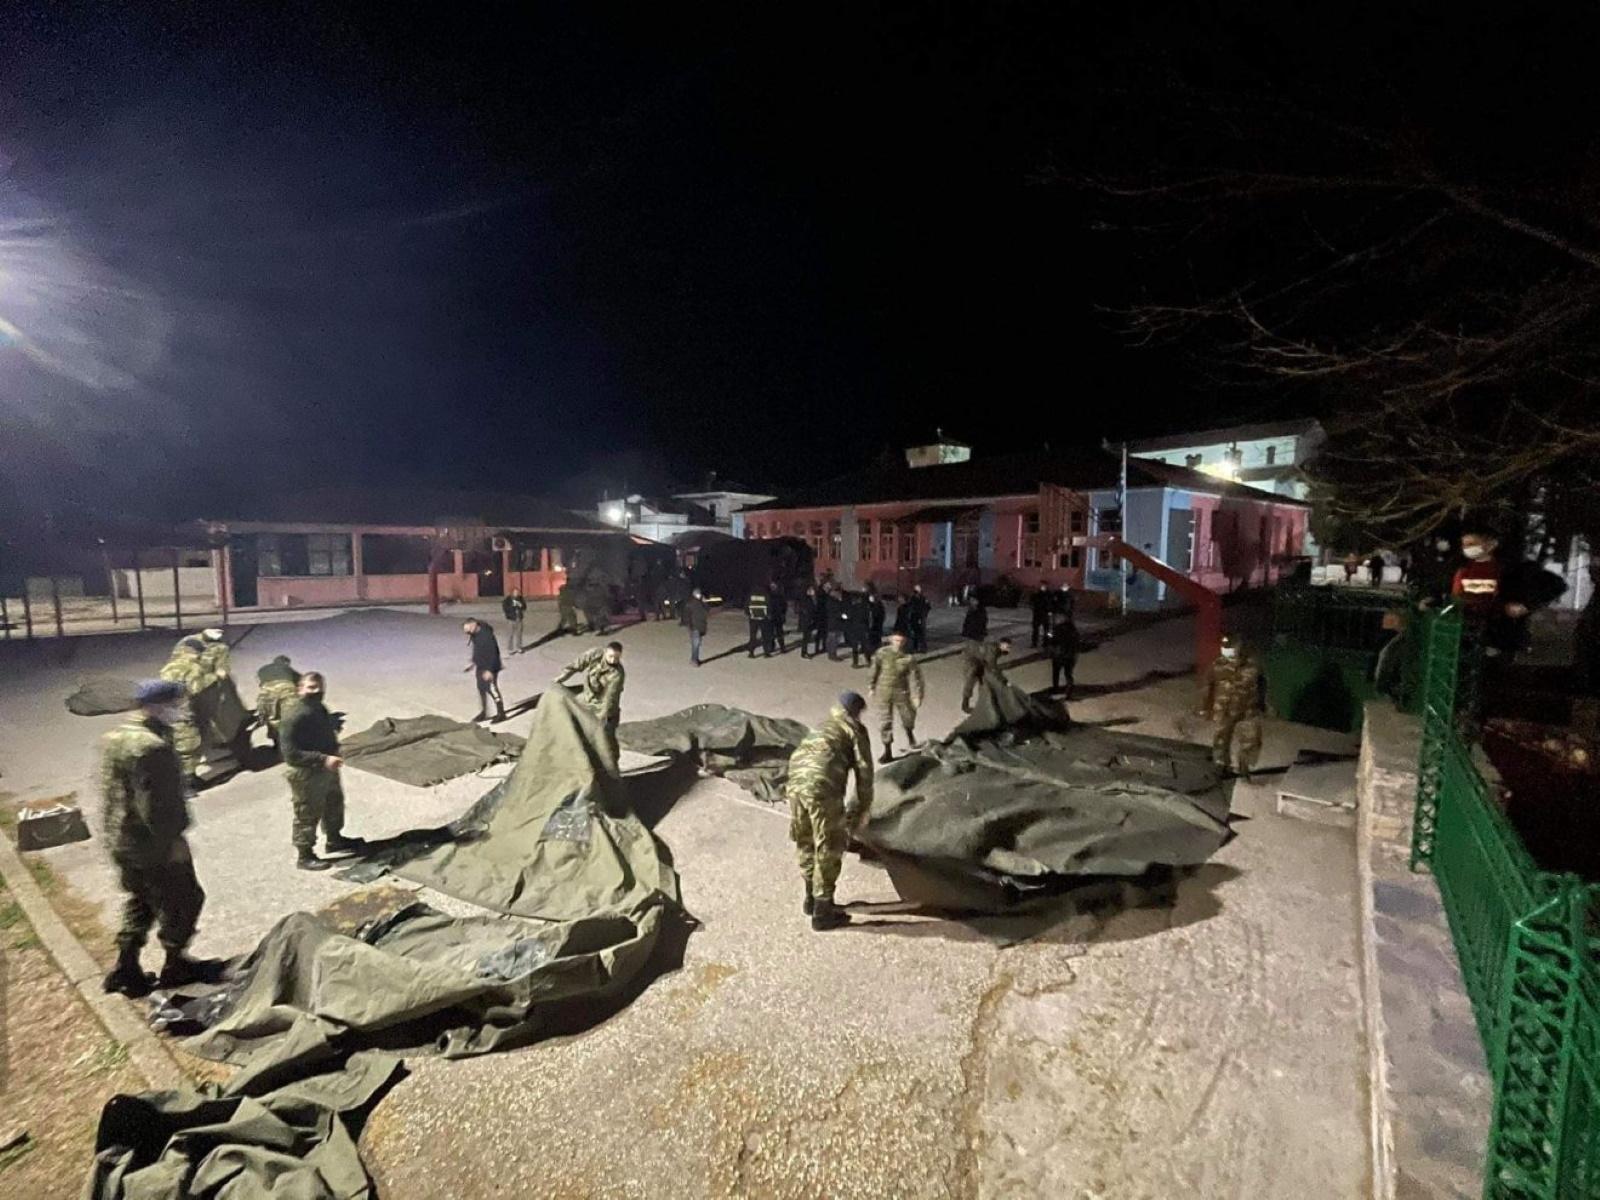 Σεισμός στην Ελασσόνα: Άνοιξαν ξενοδοχεία σε Λάρισα και Τρίκαλα – Έστησε σκηνές ο στρατός (pics, video)